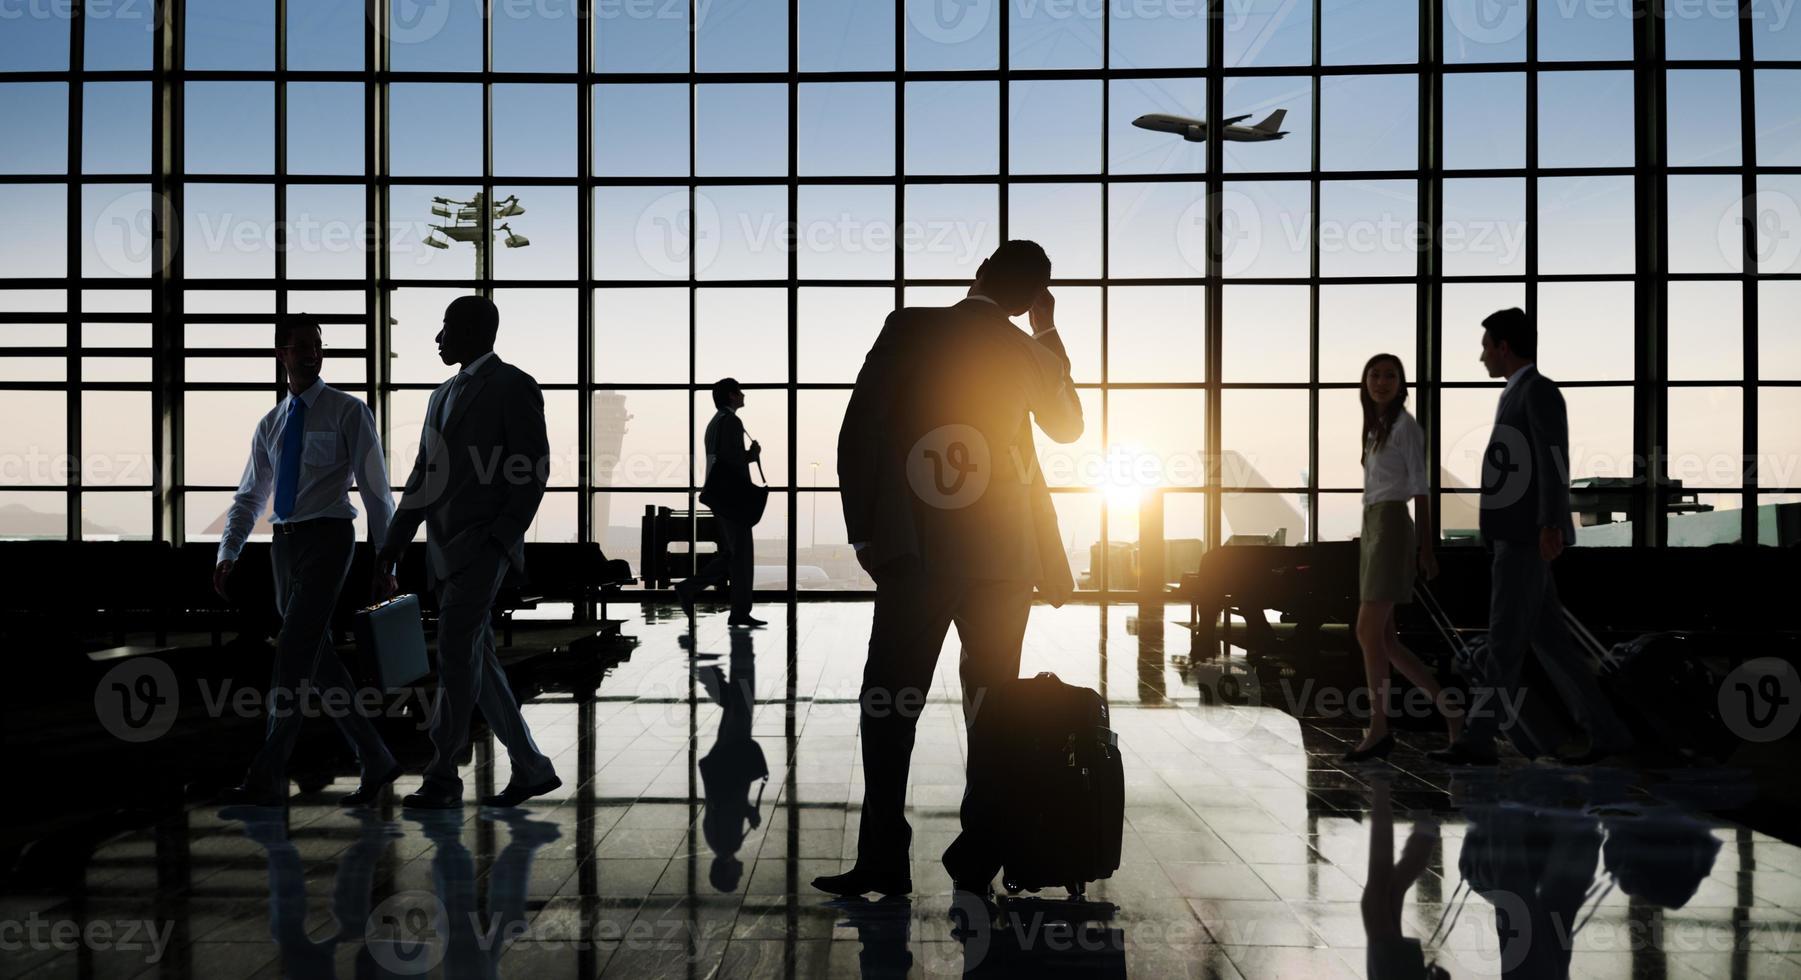 grupp människor flygplats affärsresor kommunikation koncept foto